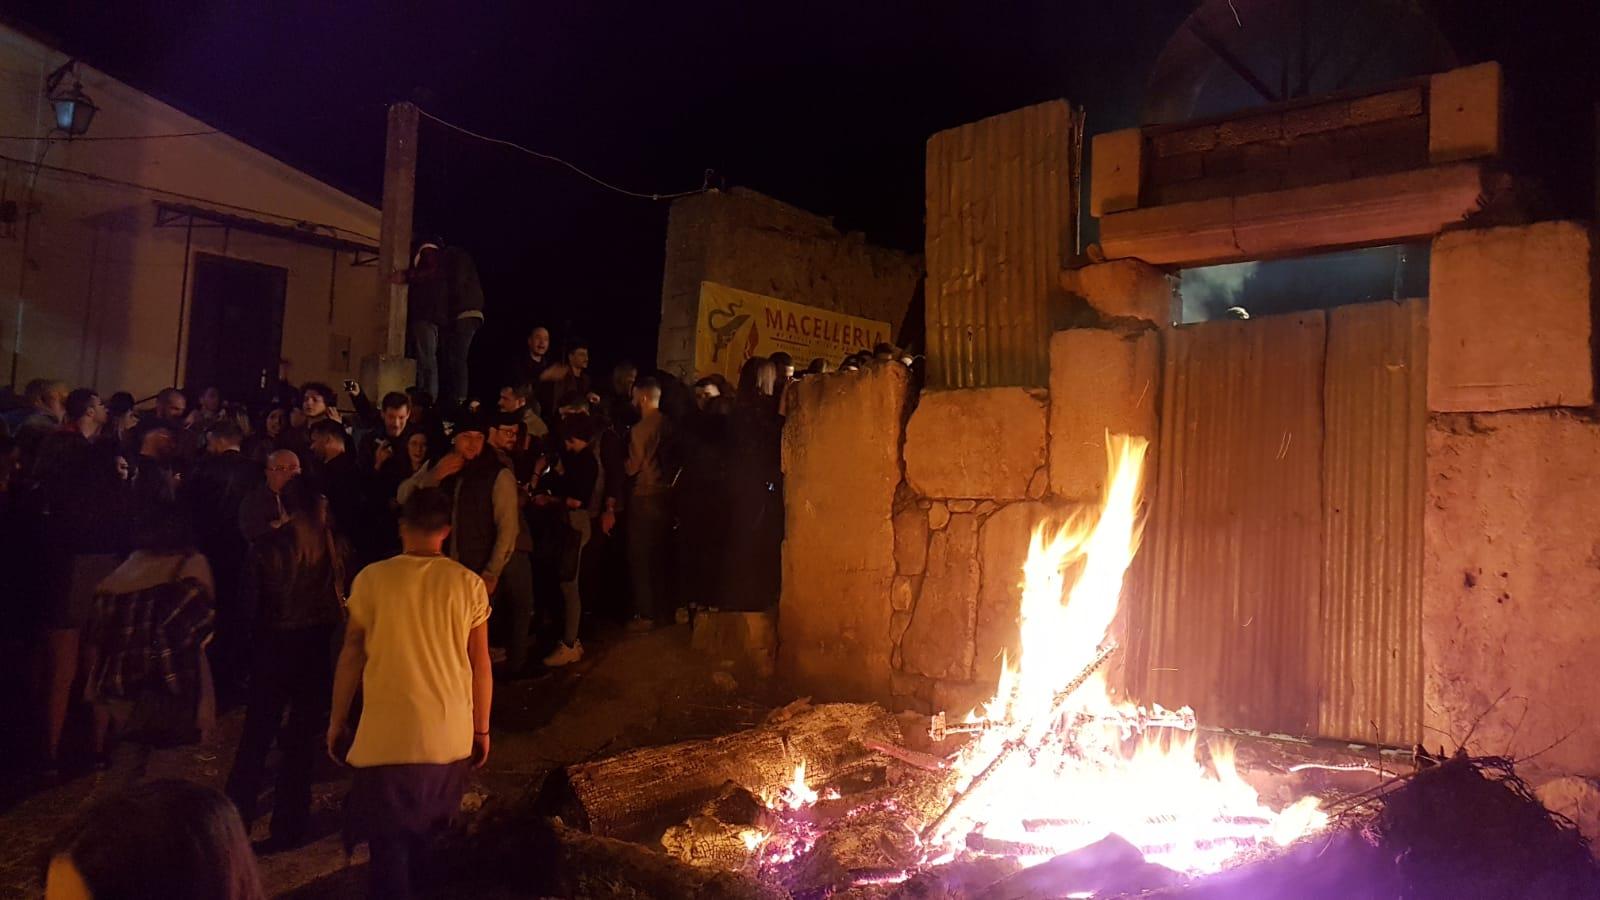 """Venafro: la notte dei fuochi incanta i curiosi ed i turisti. L'anima del centro storico si """"accende"""""""